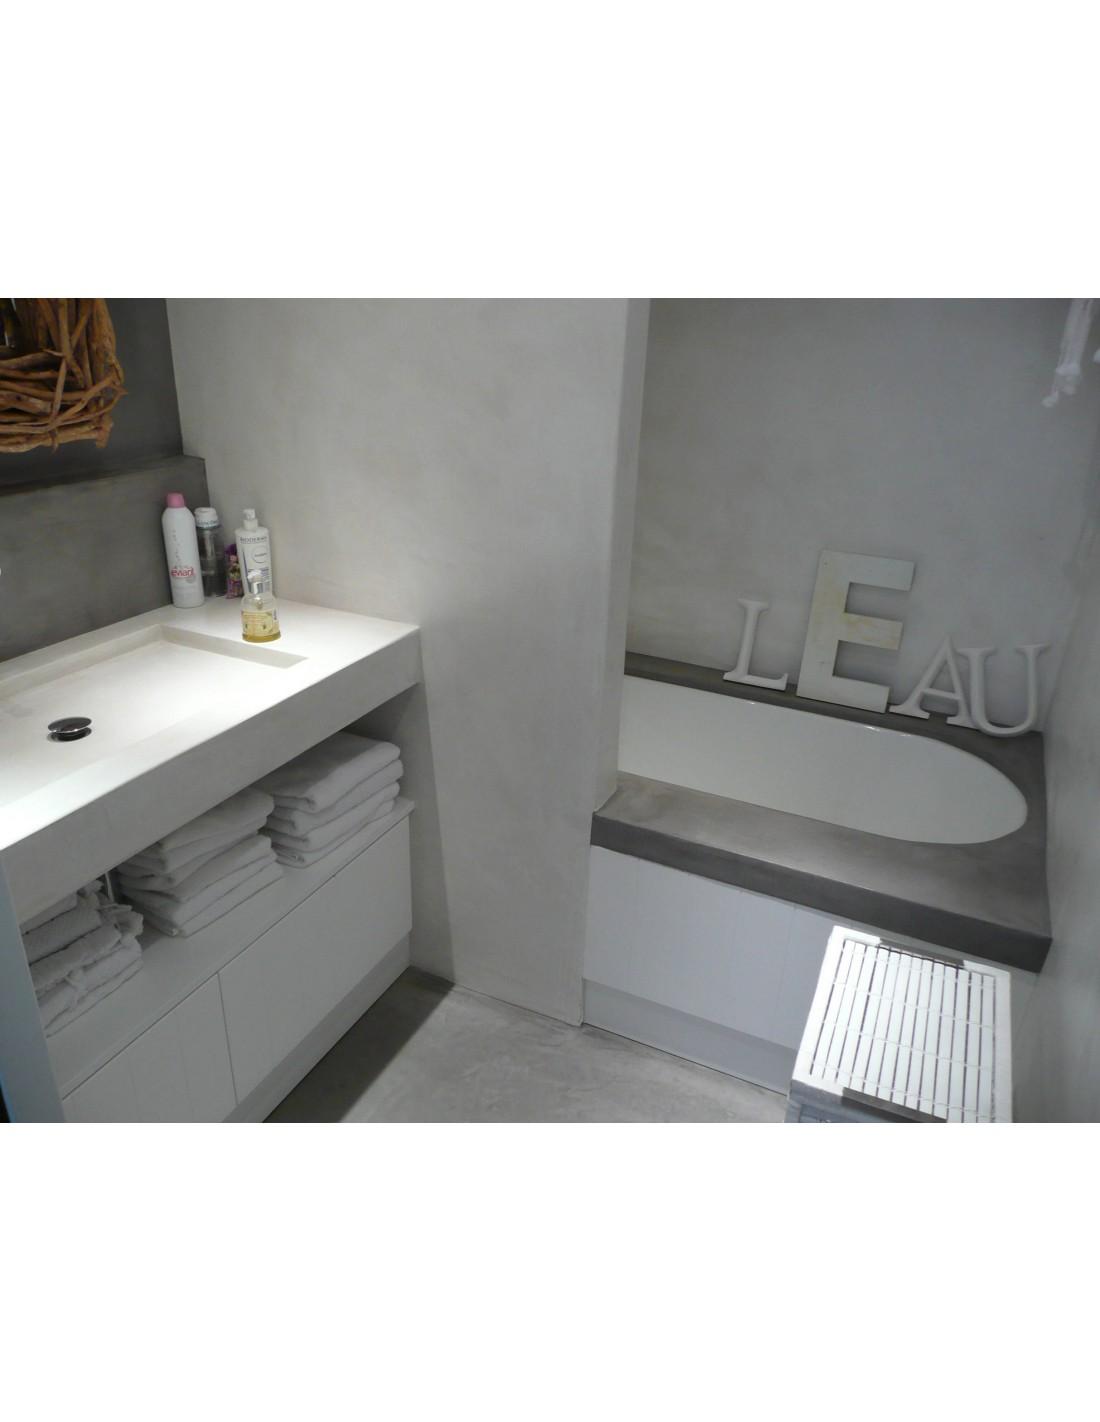 Kit salle de bains b ton cir sur carrelage id al pour - Beton cire sur mur salle de bain ...